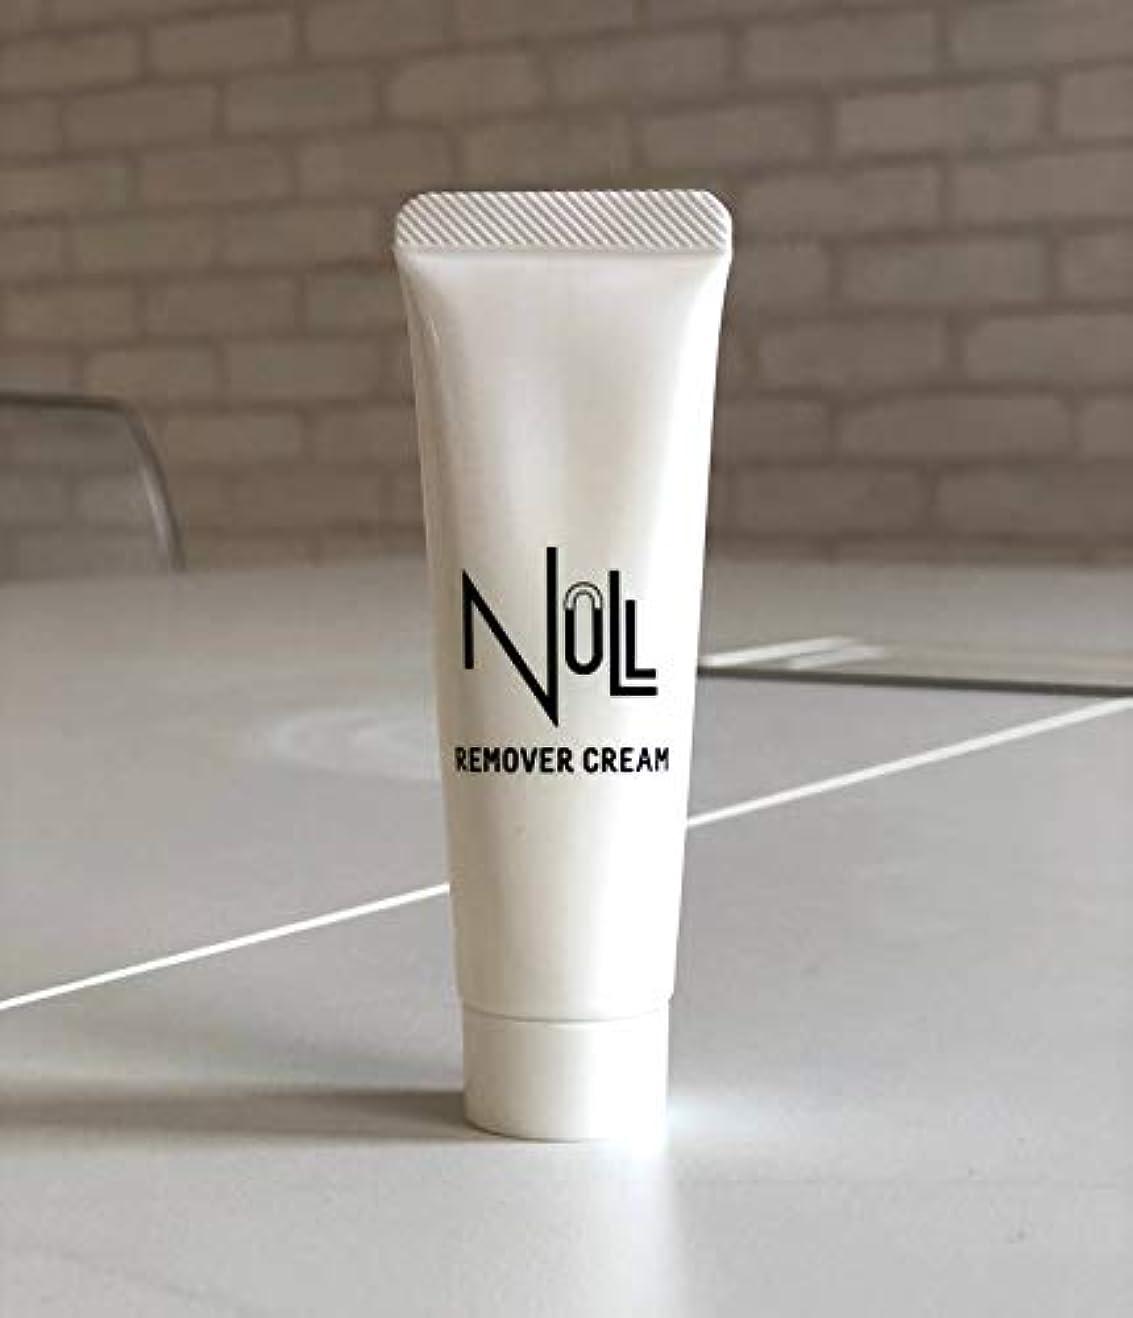 訴える熱心ミルNULL メンズ 薬用リムーバークリーム 除毛クリーム ミニサンプル 20g [ 陰部/Vライン/アンダーヘア/ボディ用 ]